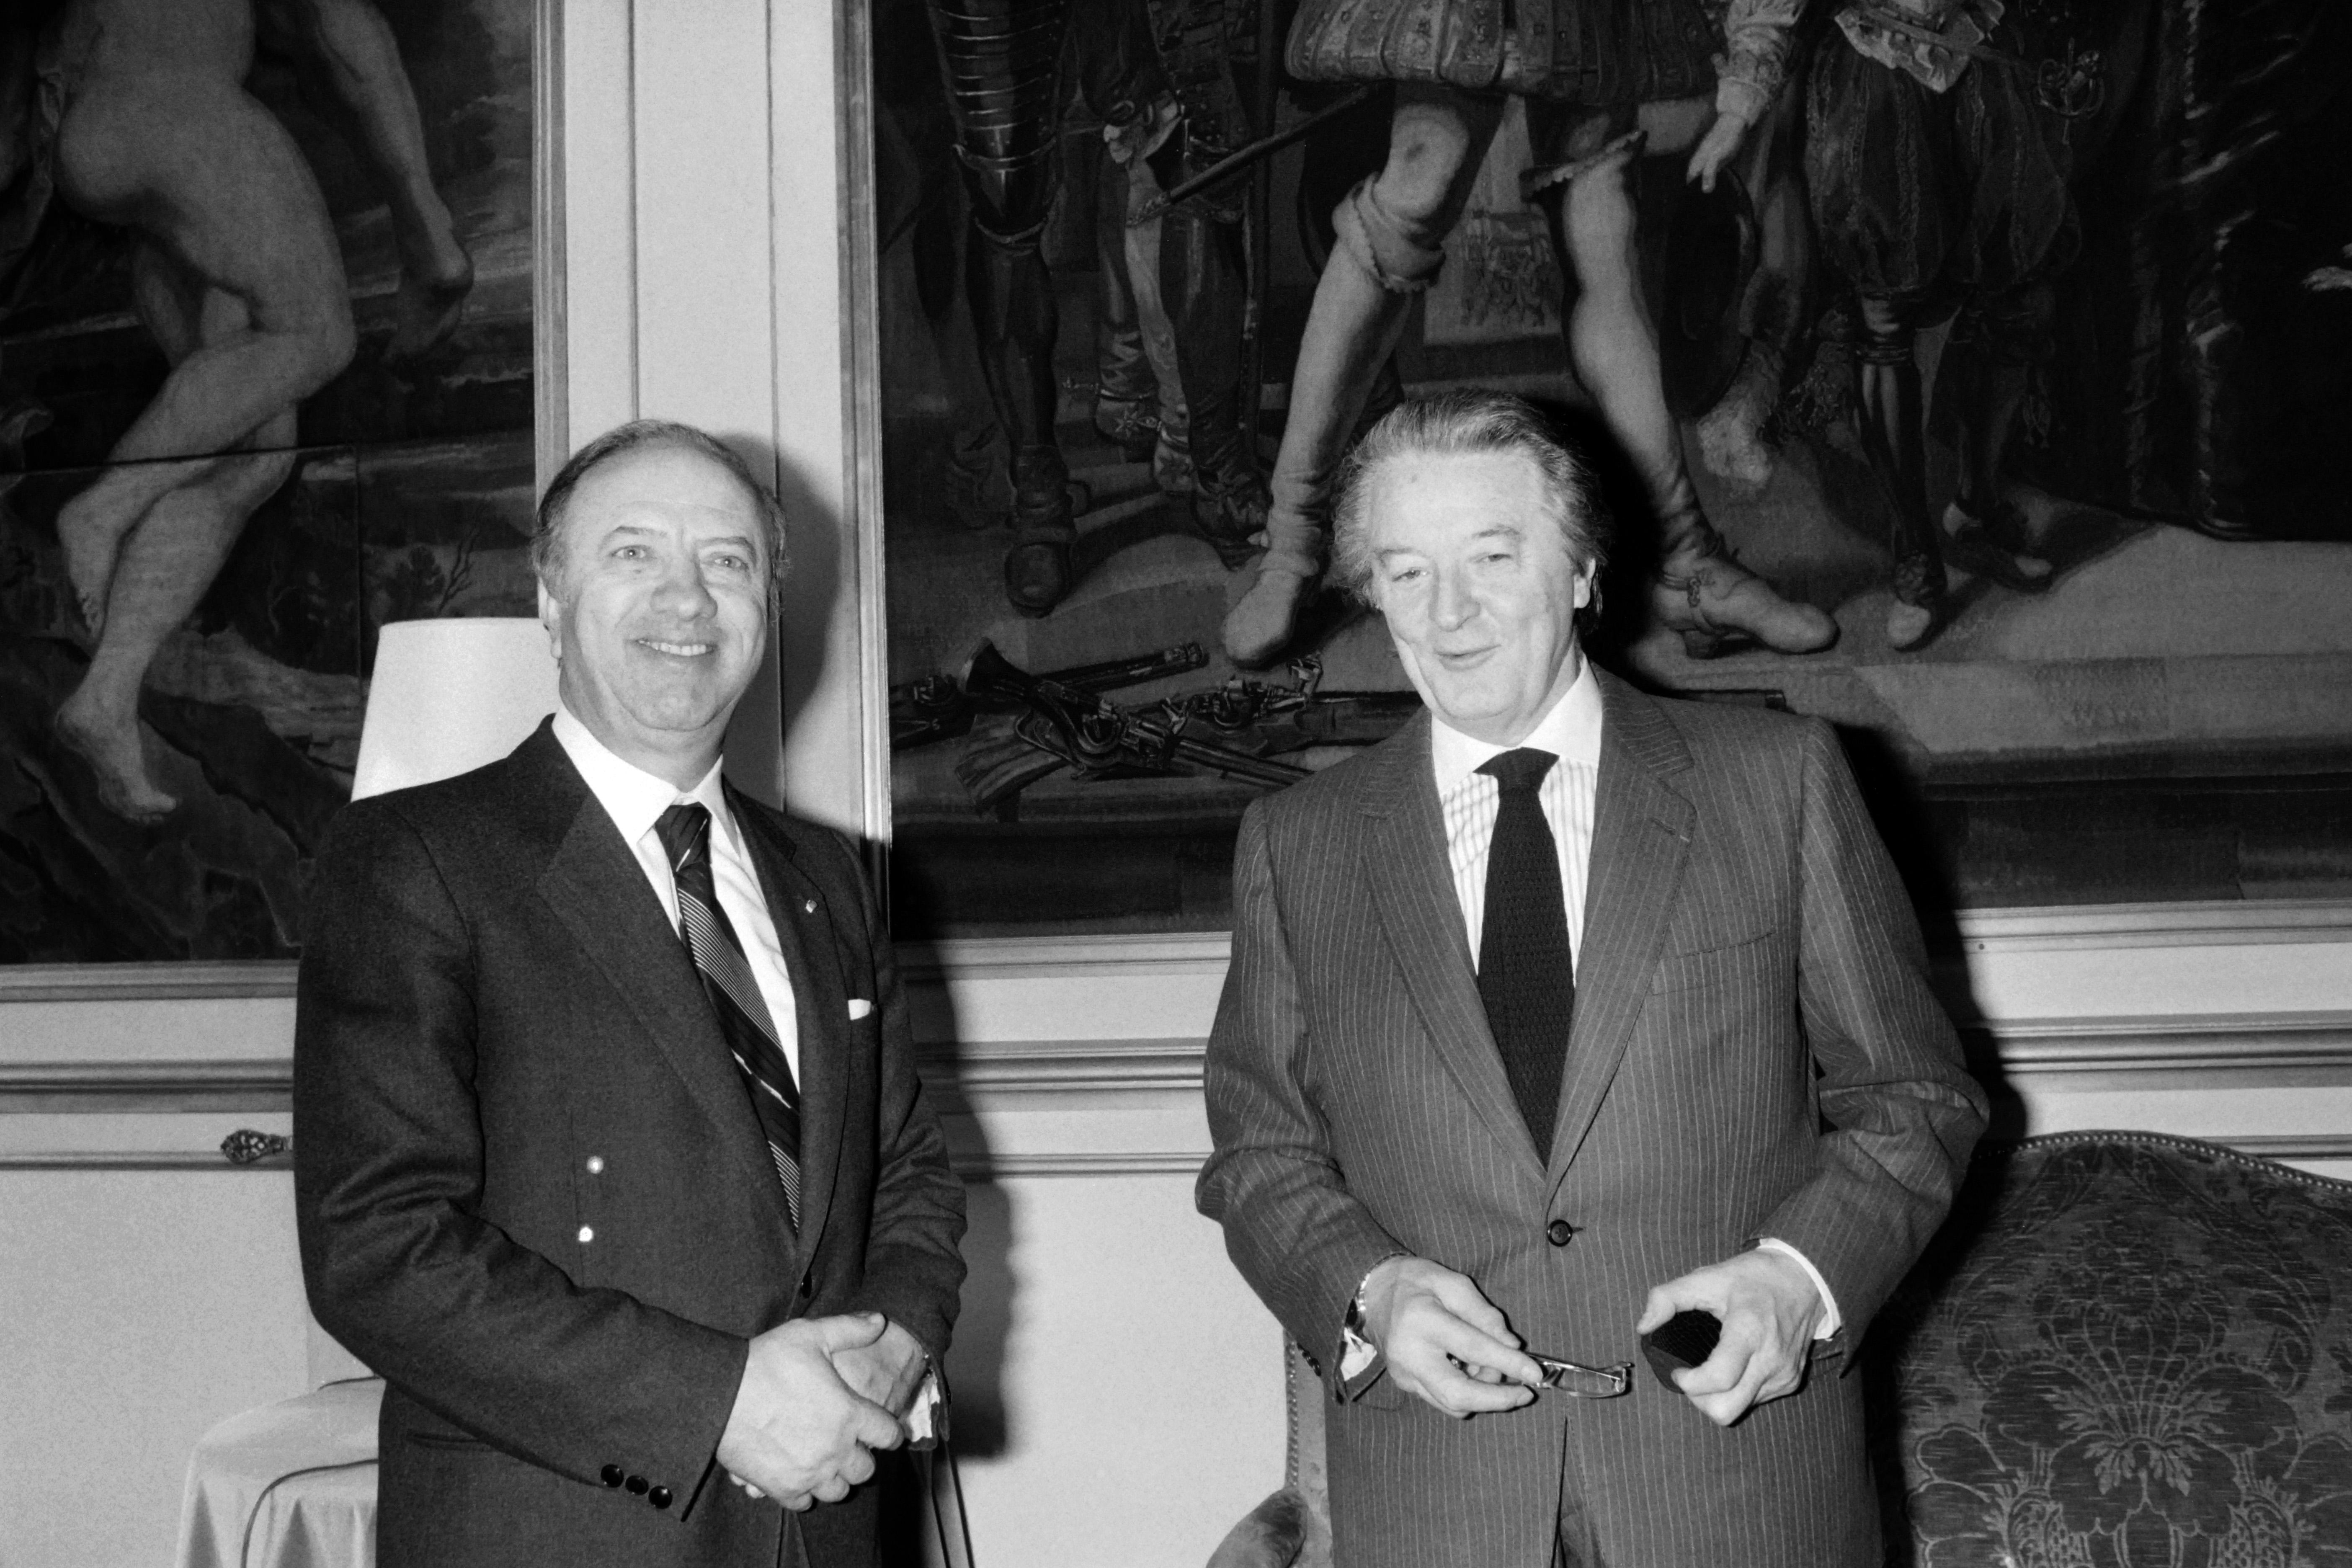 السبسي ونظيره وزير الخارجية الفرنسي رونالد دوماس في عام 1985